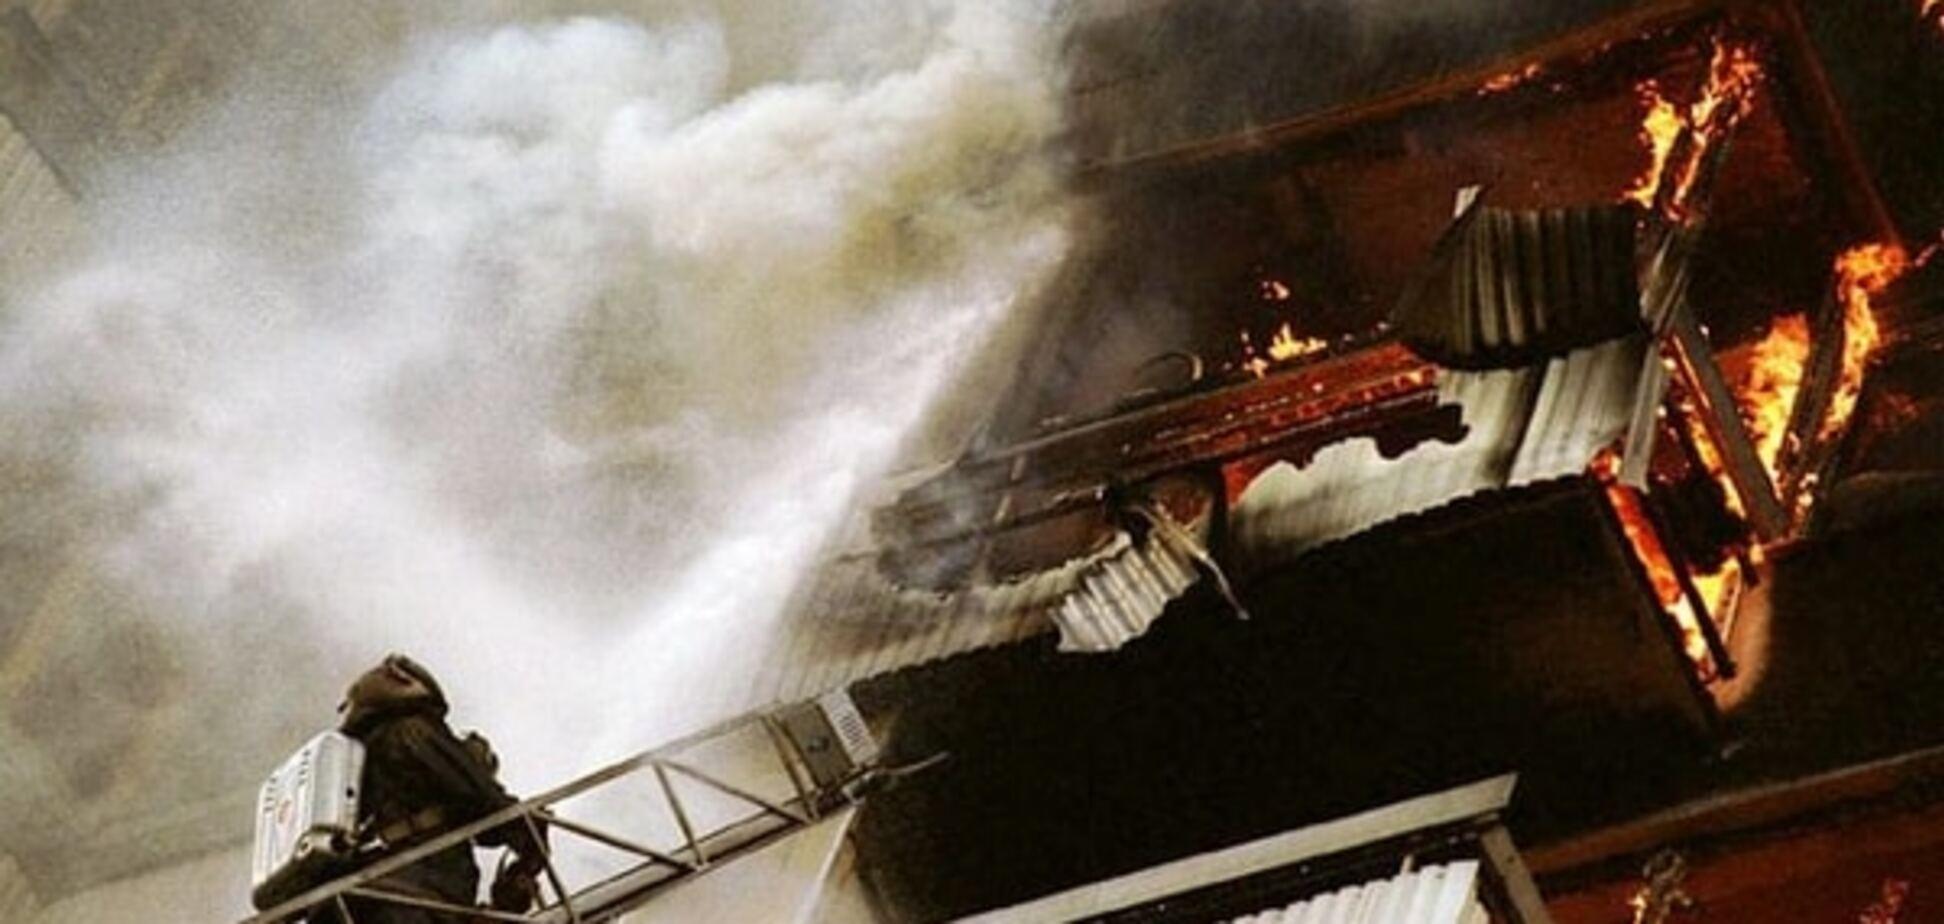 Этажи риска. Что грозит киевским высоткам и ТЦ в случае пожара